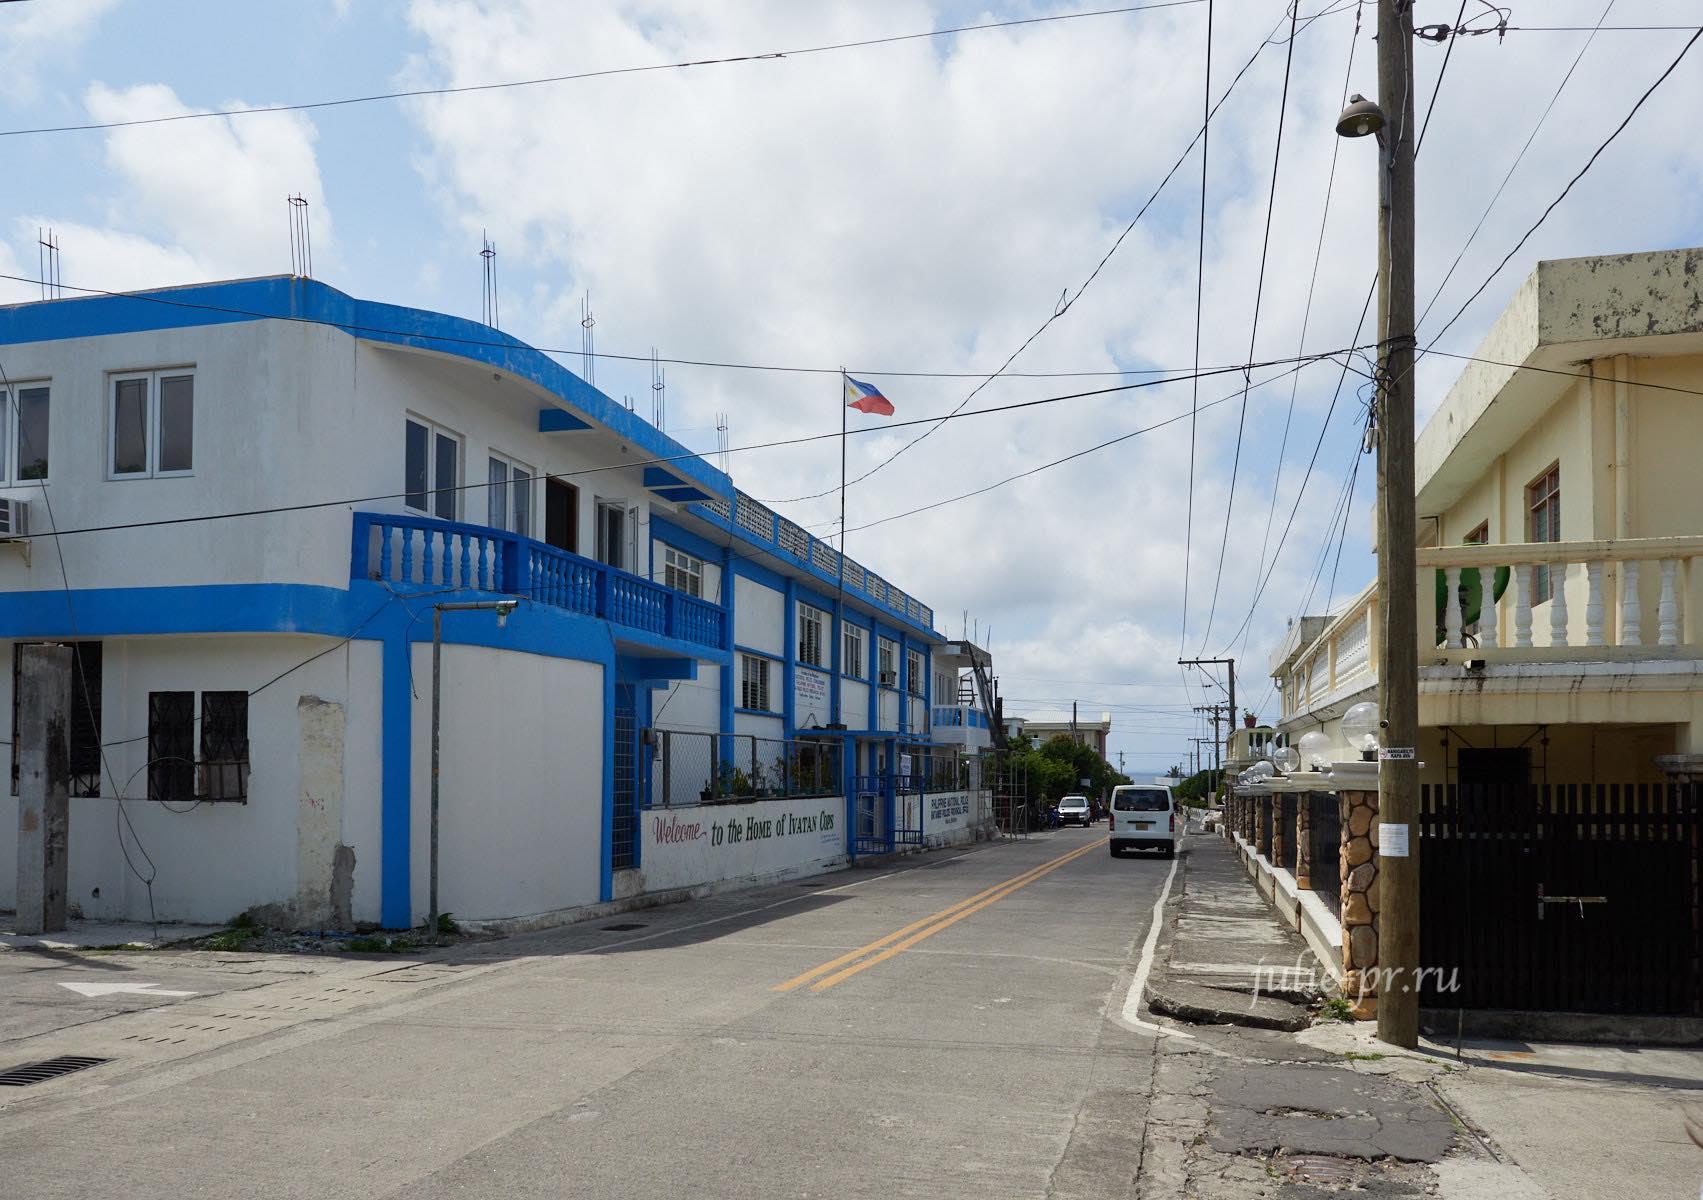 Филиппины, острова Батанес, Баско, Полиция